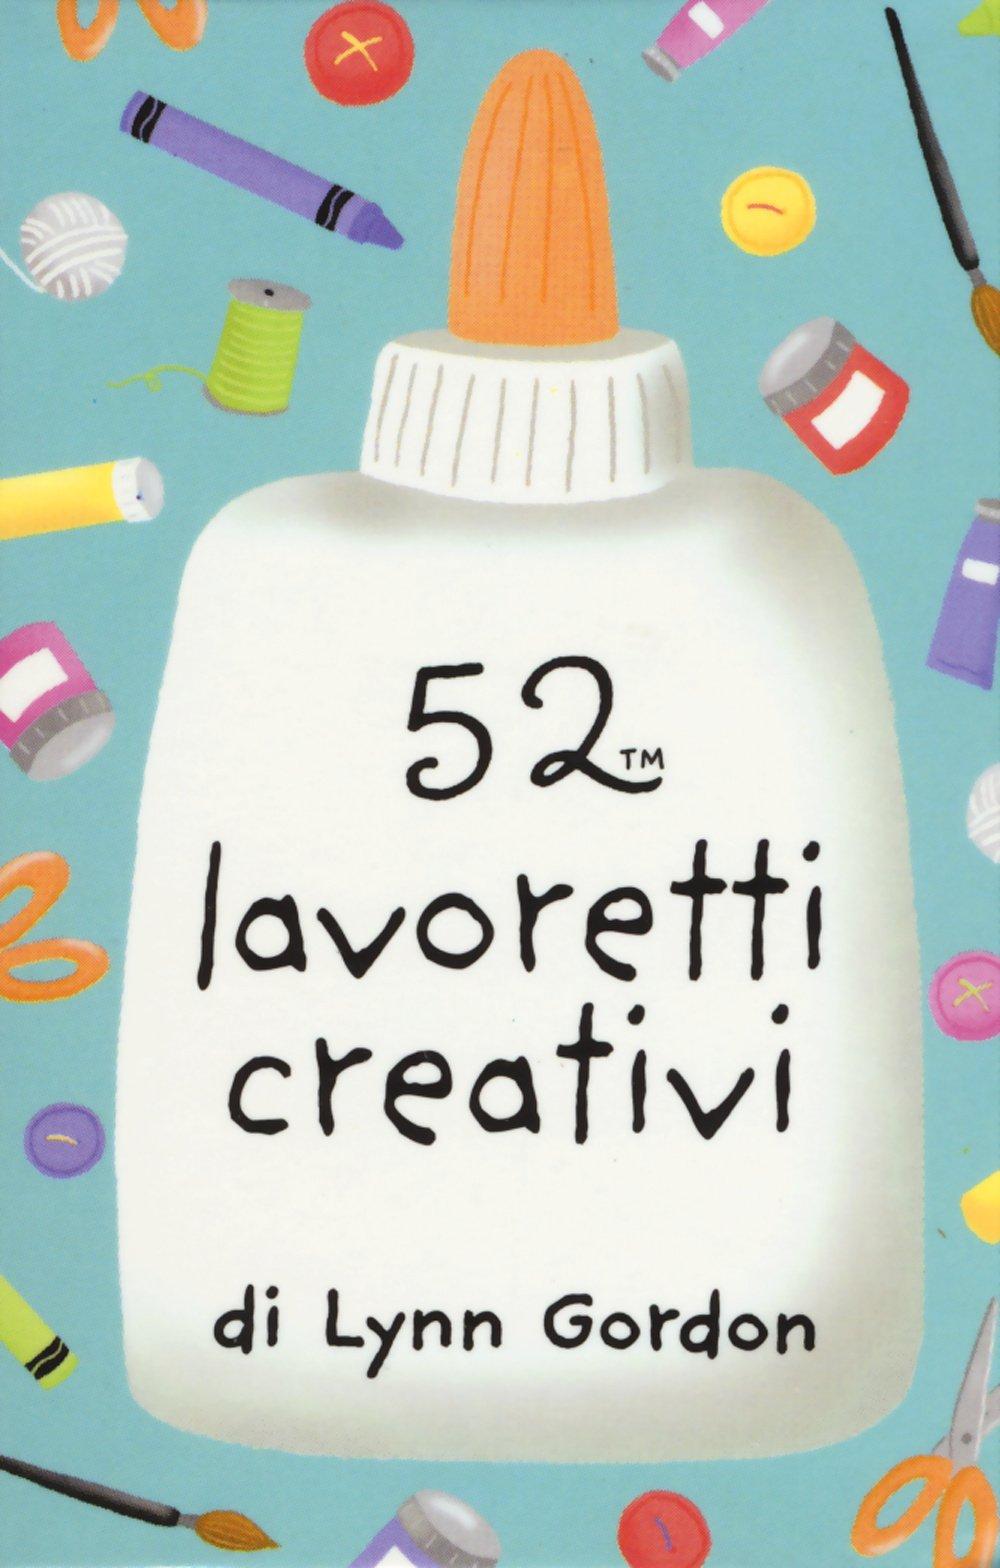 Lavori creativi per la casa cheap lavoretti per bambini for Lavori creativi da casa